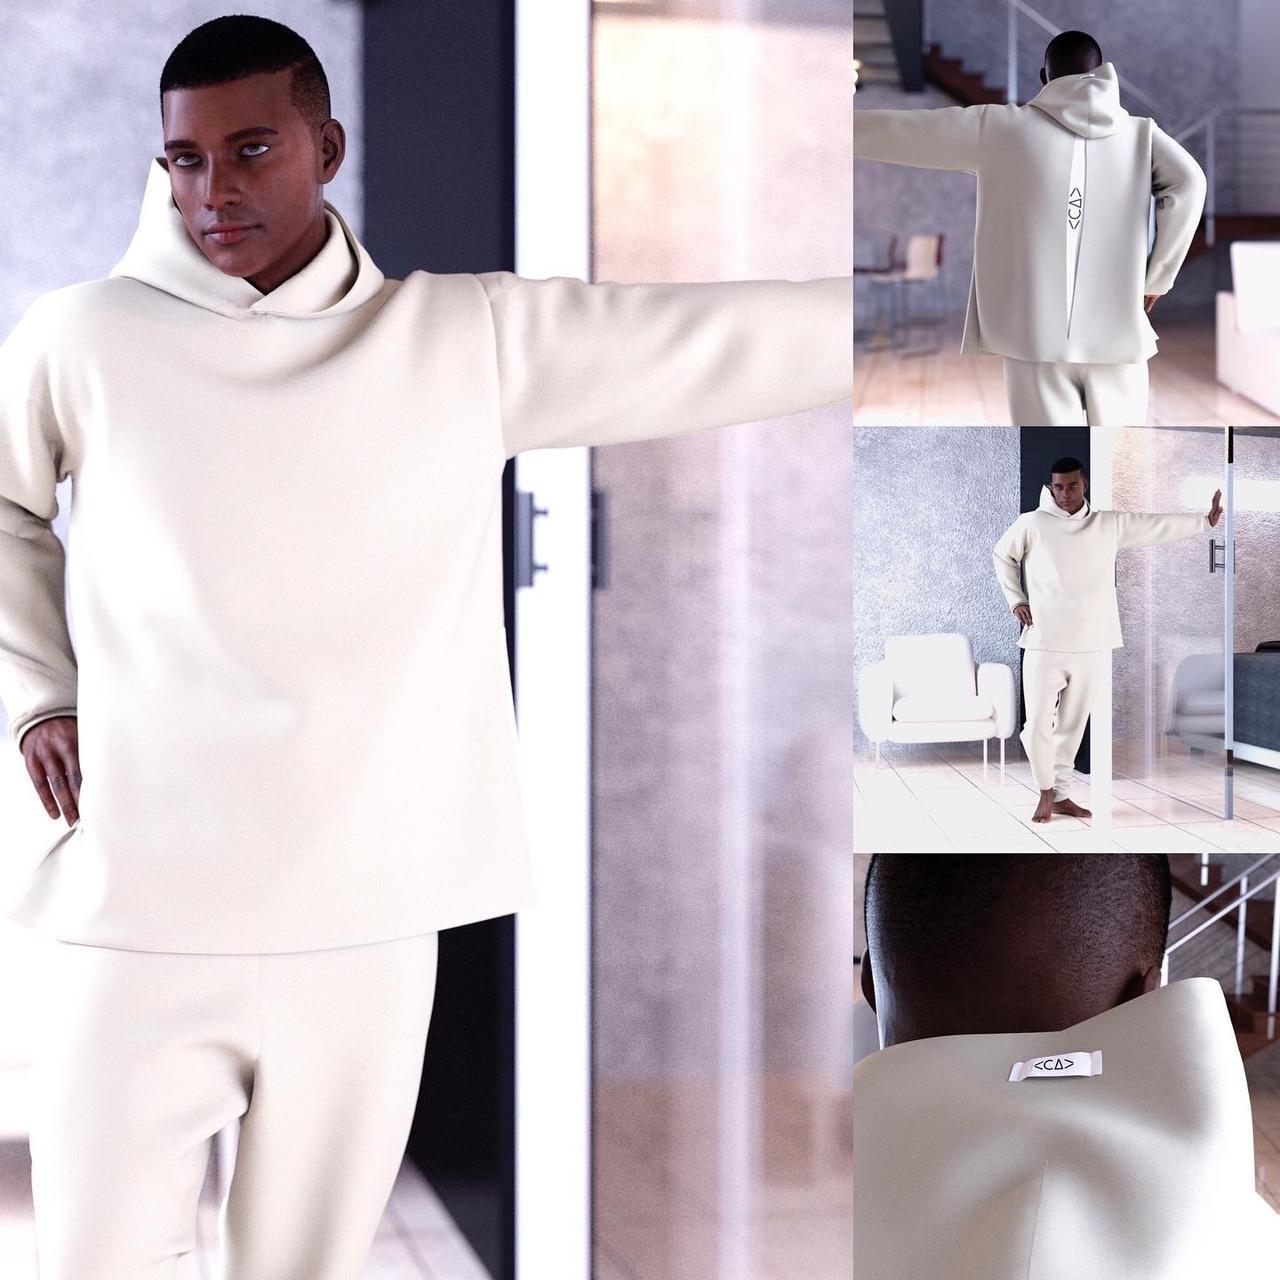 Ilustração em 3D mostra processo de seleção de roupa na plataforma Ateliê 4.0